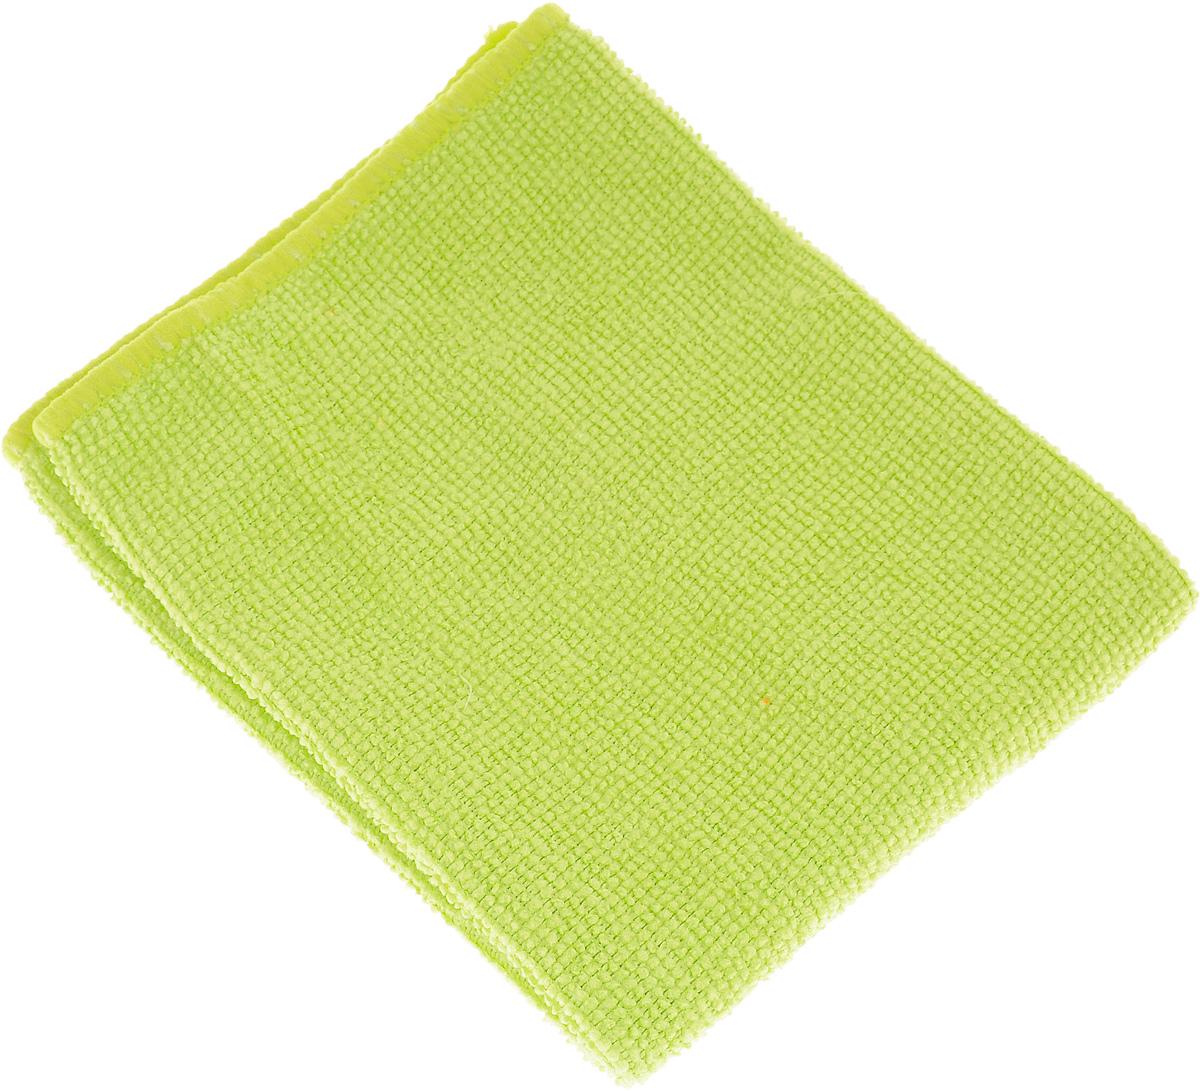 Салфетка из микрофибры Rexxon, универсальная, 35 х 35 см2-6-1-3-2Универсальная салфетка Rexxon выполнена из высококачественного полиэстера и полиамида. Благодаря своей структуре она эффективно удаляет с твердых поверхностей грязь, следы засохших насекомых.Микрофибра удаляет грязь с поверхности намного эффективнее, быстрее и значительно более бережно в сравнении с обычной тканью, что существенно снижает время на проведение уборки, поскольку отсутствует необходимость протирать одно и то же место дважды. Использовать салфетку можно для чистки как наружных, так и внутренних поверхностей автомобиля. Используя подобную мягкую ткань, можно проникнуть даже в самые труднодоступные места и эффективно очистить от пыли и бактерий все поверхности. Микрофибра устойчива к истиранию, ее можно быстро вернуть к первоначальному виду с помощью ручной стирки при температуре 60°С. Приобретая микрофибровые изделия для чистки автомобиля, каждый владелец сможет обеспечить достойный уход за любимым транспортным средством.Состав: 80% полиэстер, 20% полиамид.Размер салфетки: 35 х 35 см.